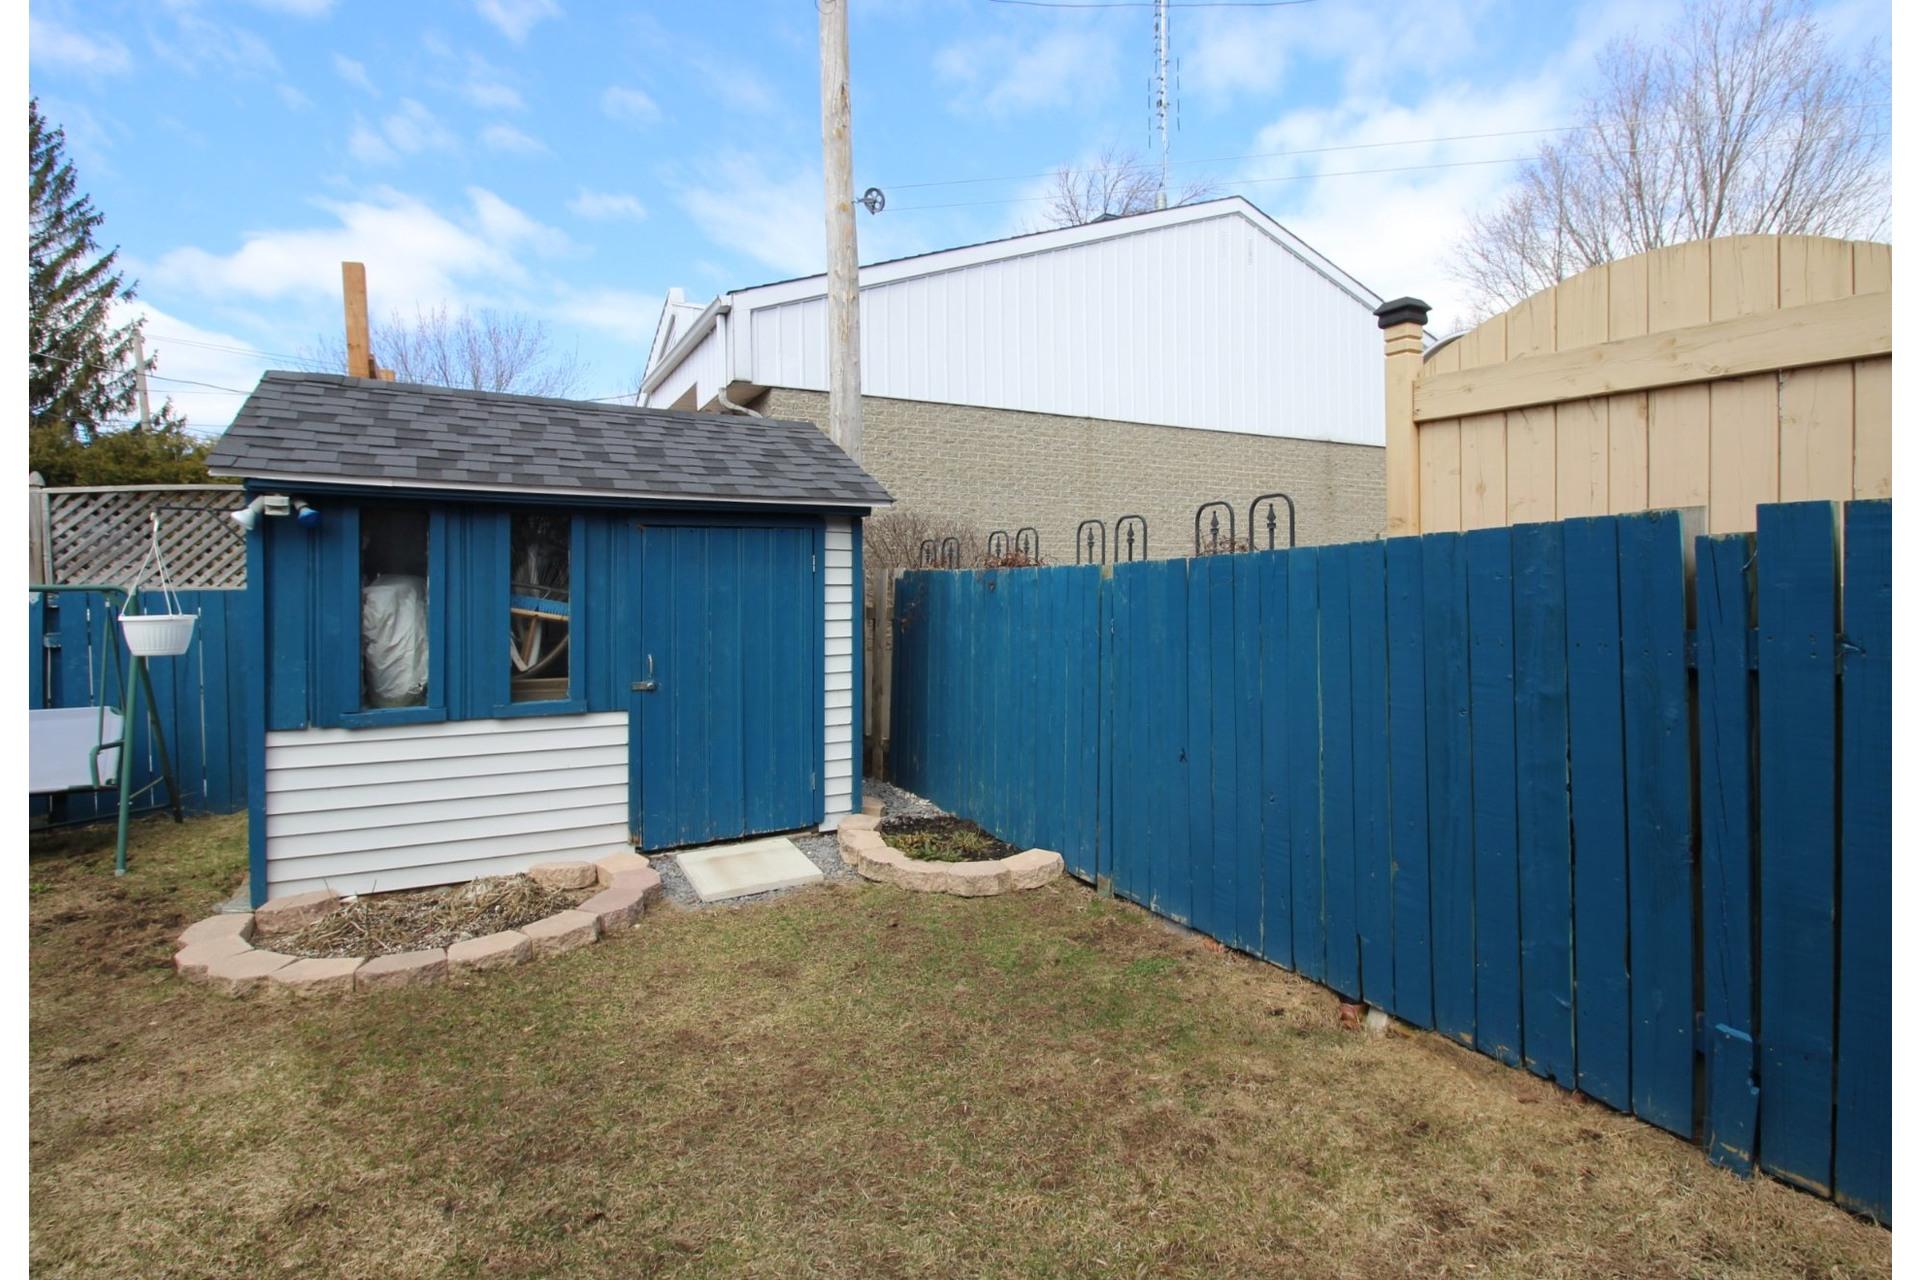 image 24 - Maison À vendre Rivière-des-Prairies/Pointe-aux-Trembles Montréal  - 8 pièces